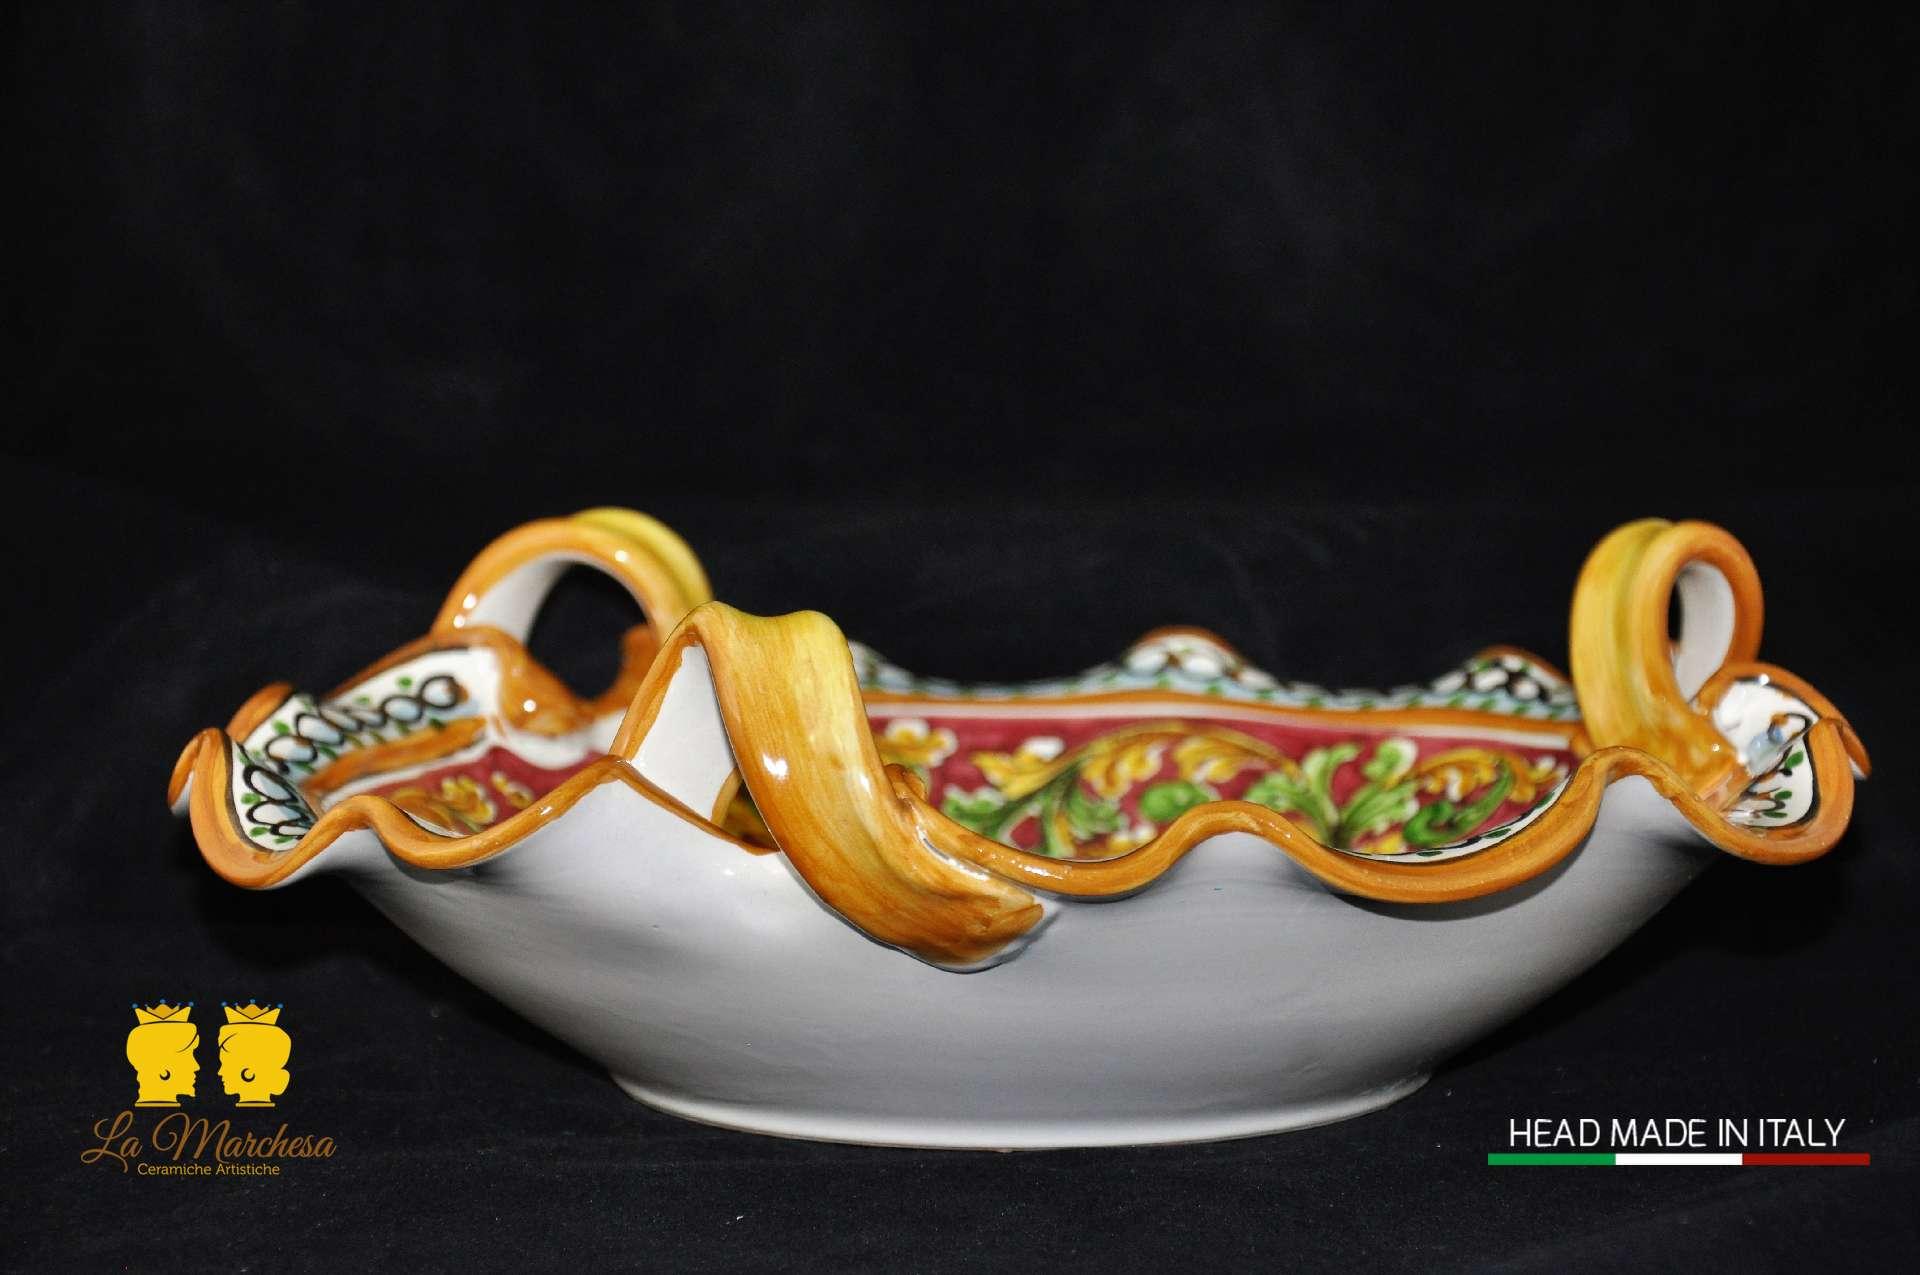 Raffinato centro tavola frutta la marchesa ceramiche artistiche - Centro tavola con frutta ...